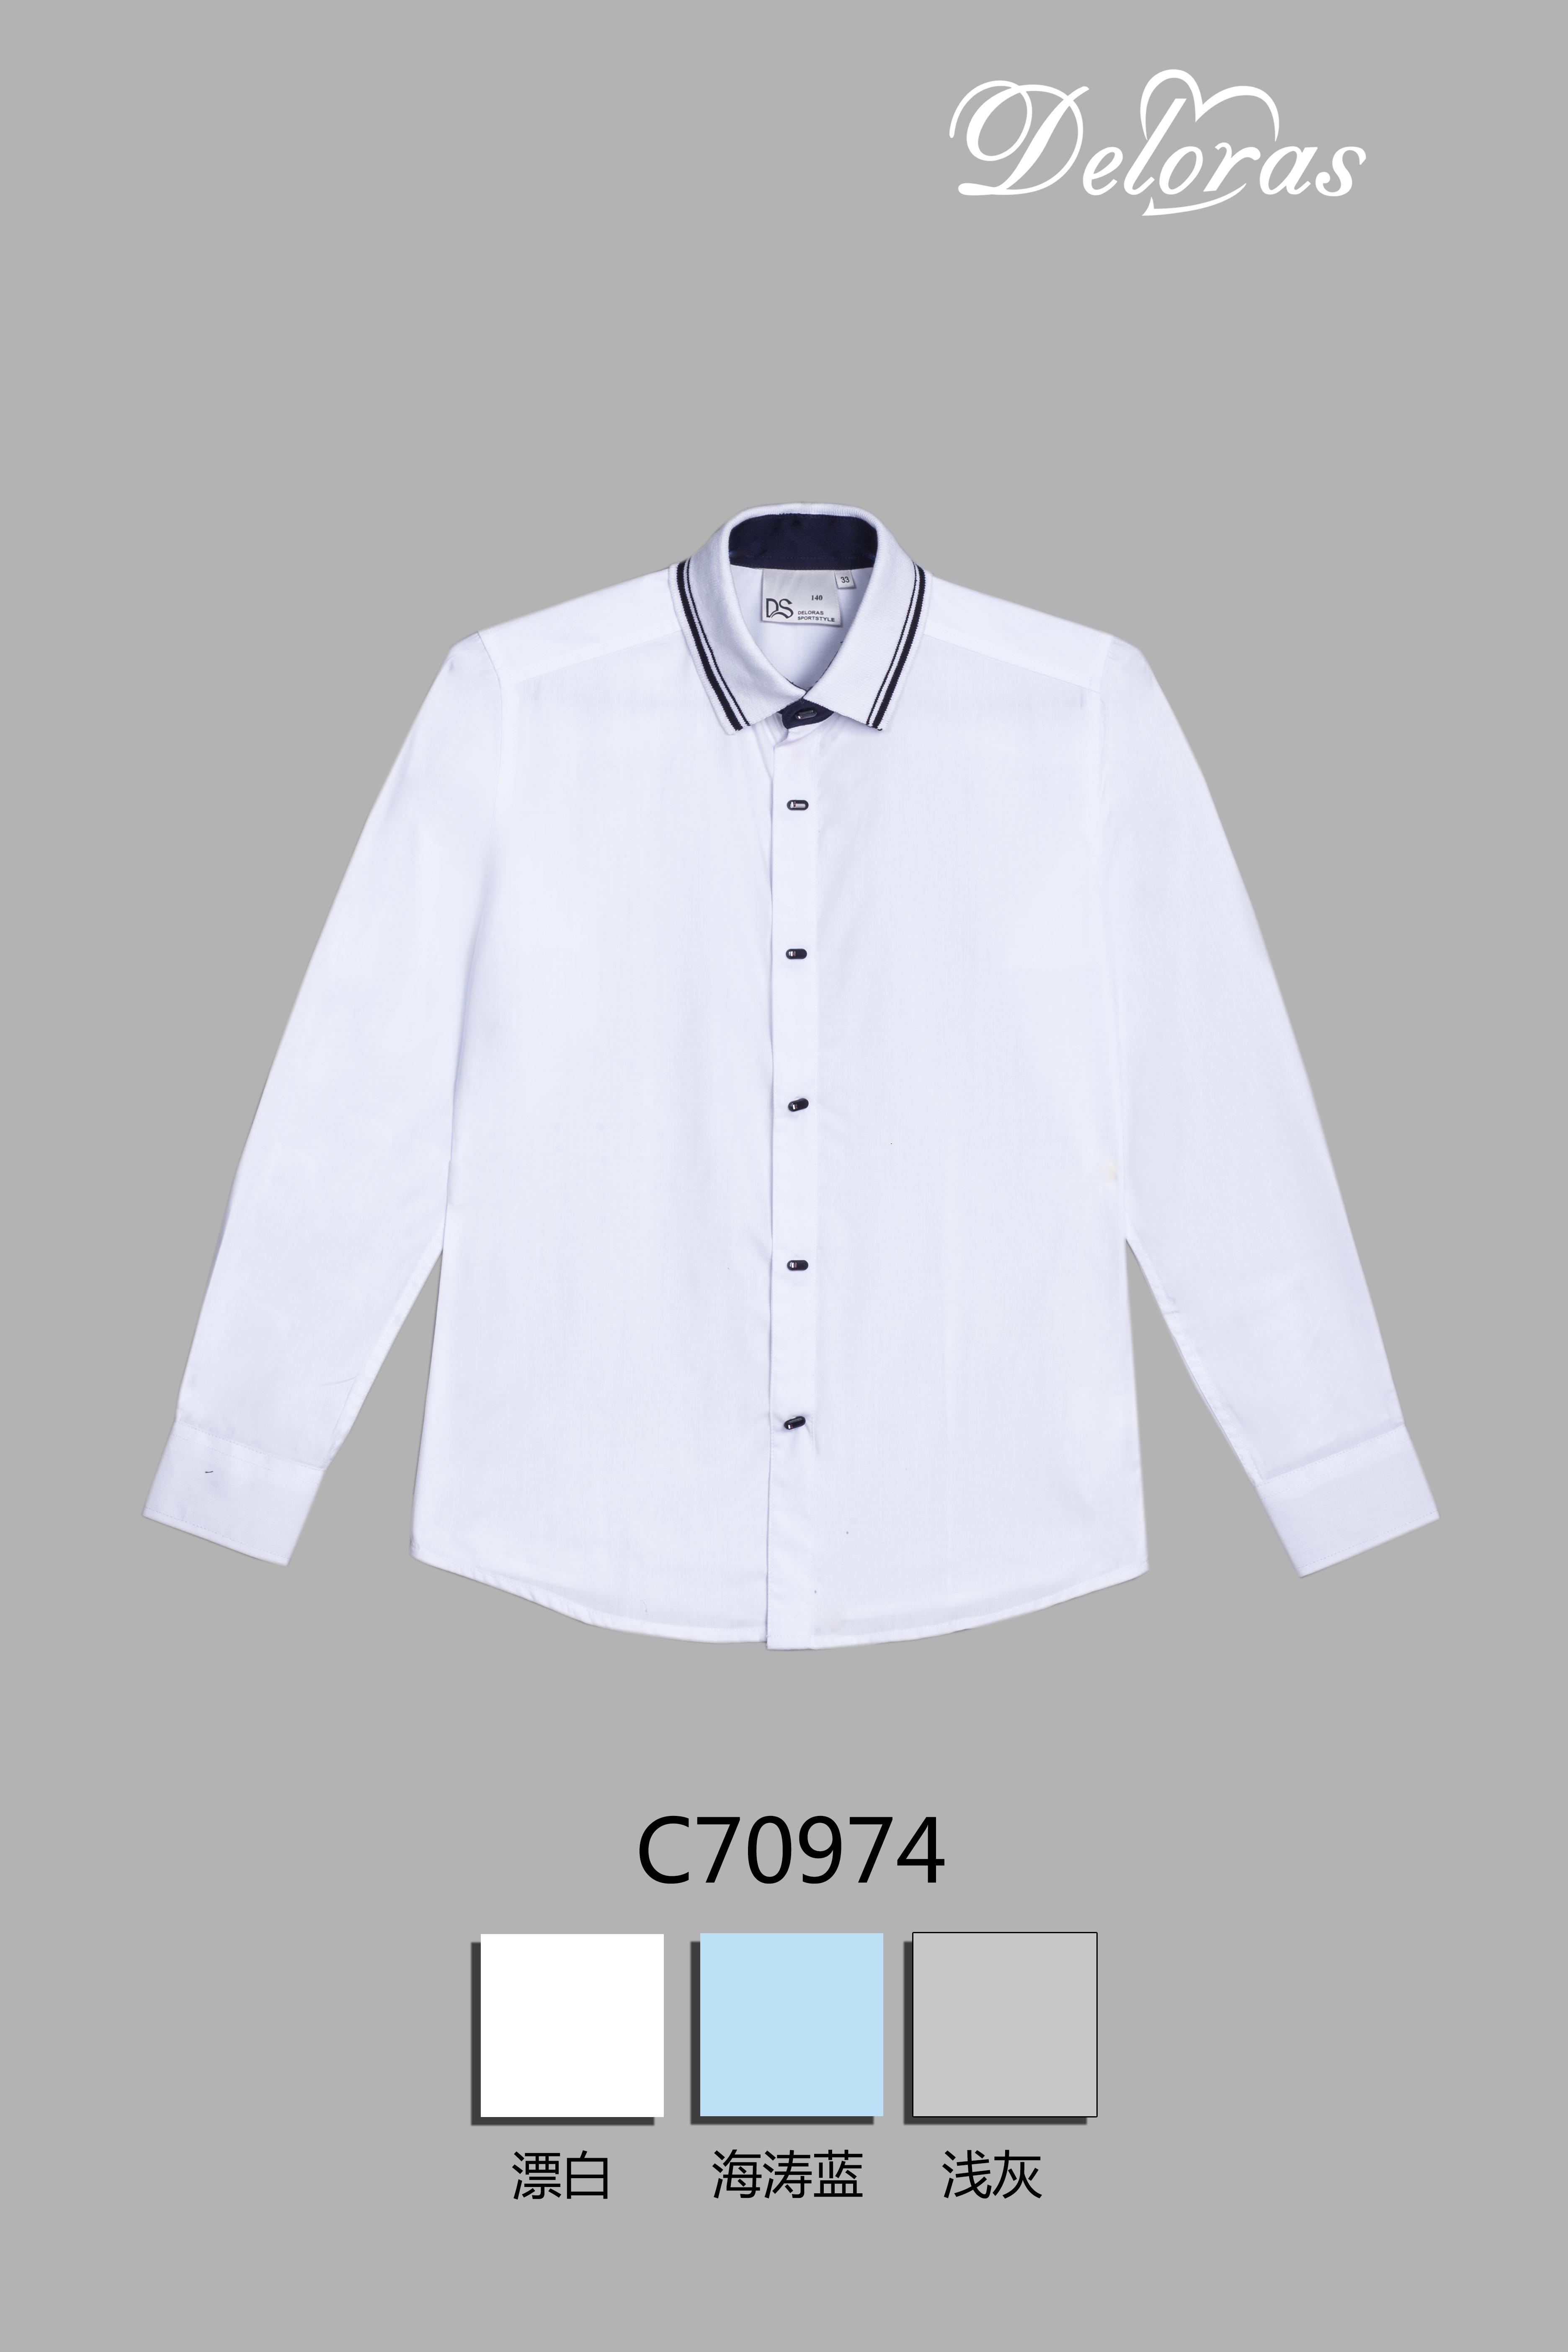 Рубашка для мальчика BHDL70974